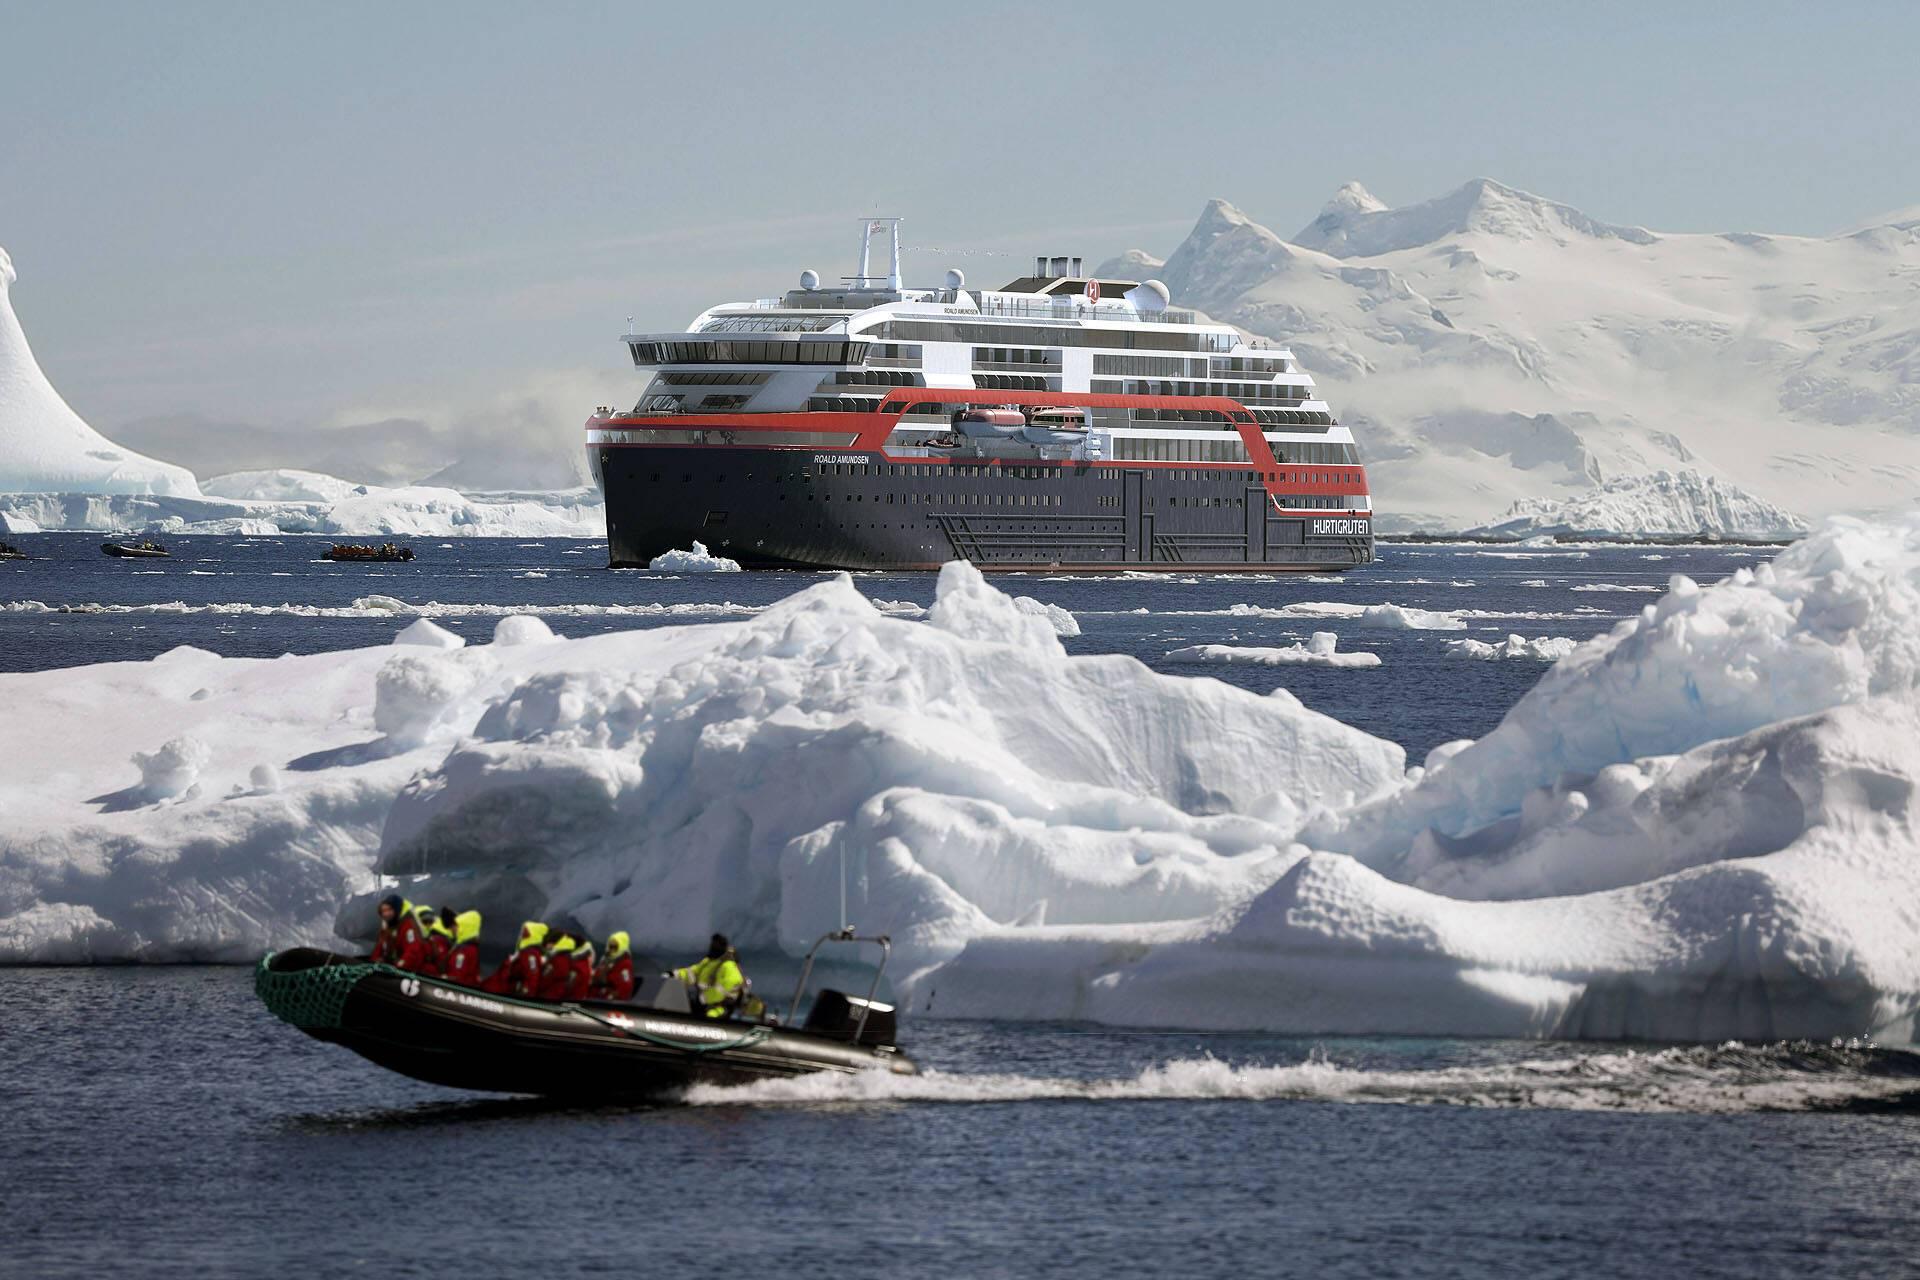 MS Roald Amundsen Antarktis Croisiere Hurtigruten Islande